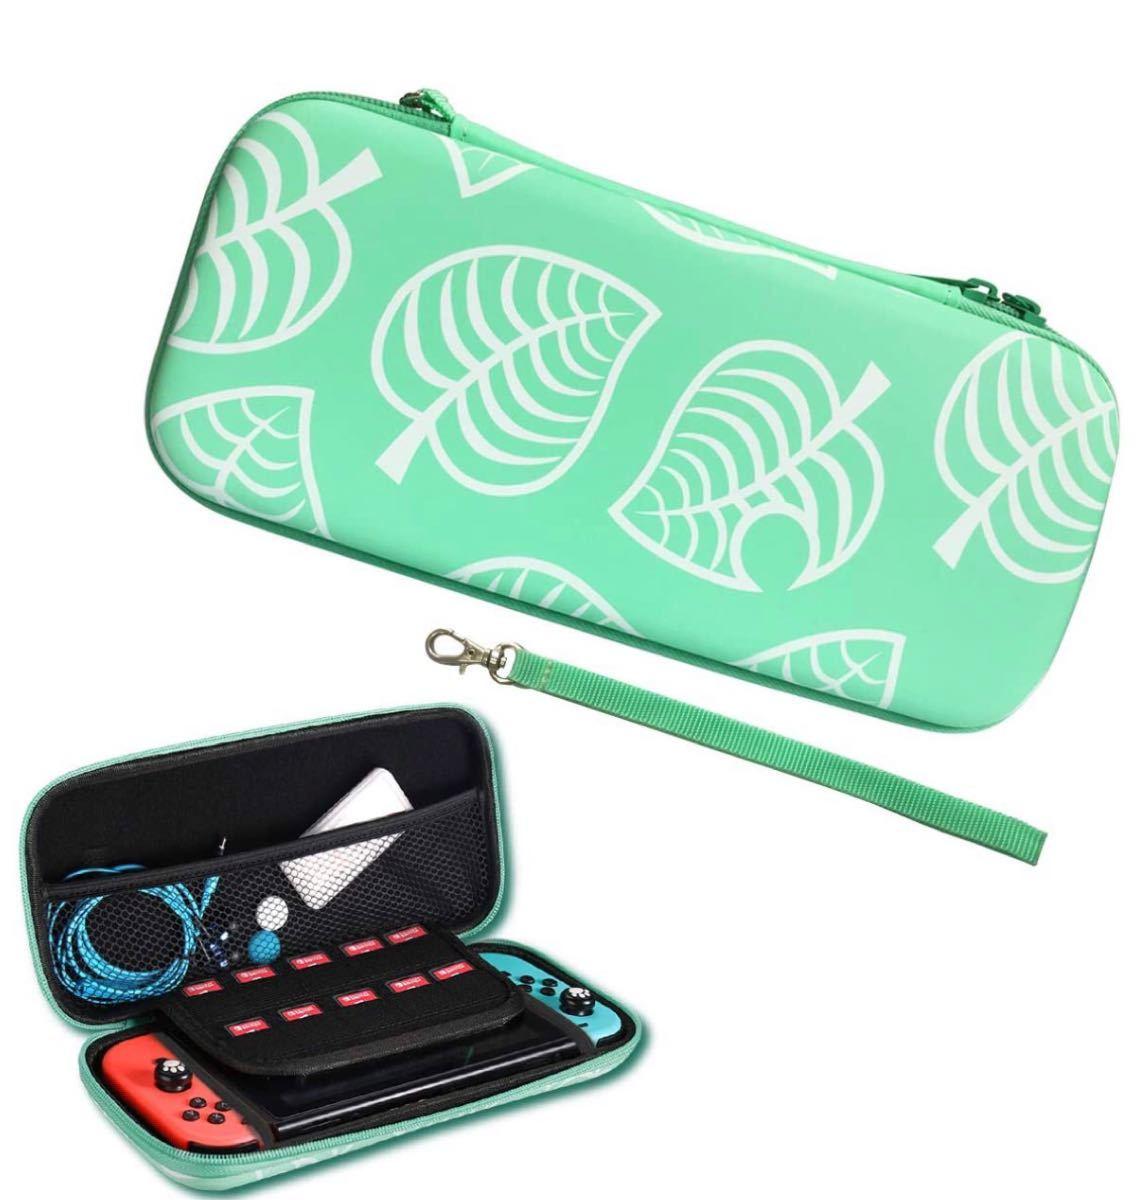 Nintendo Switch ケース かわいい どうぶつの森 任天堂スイッチ